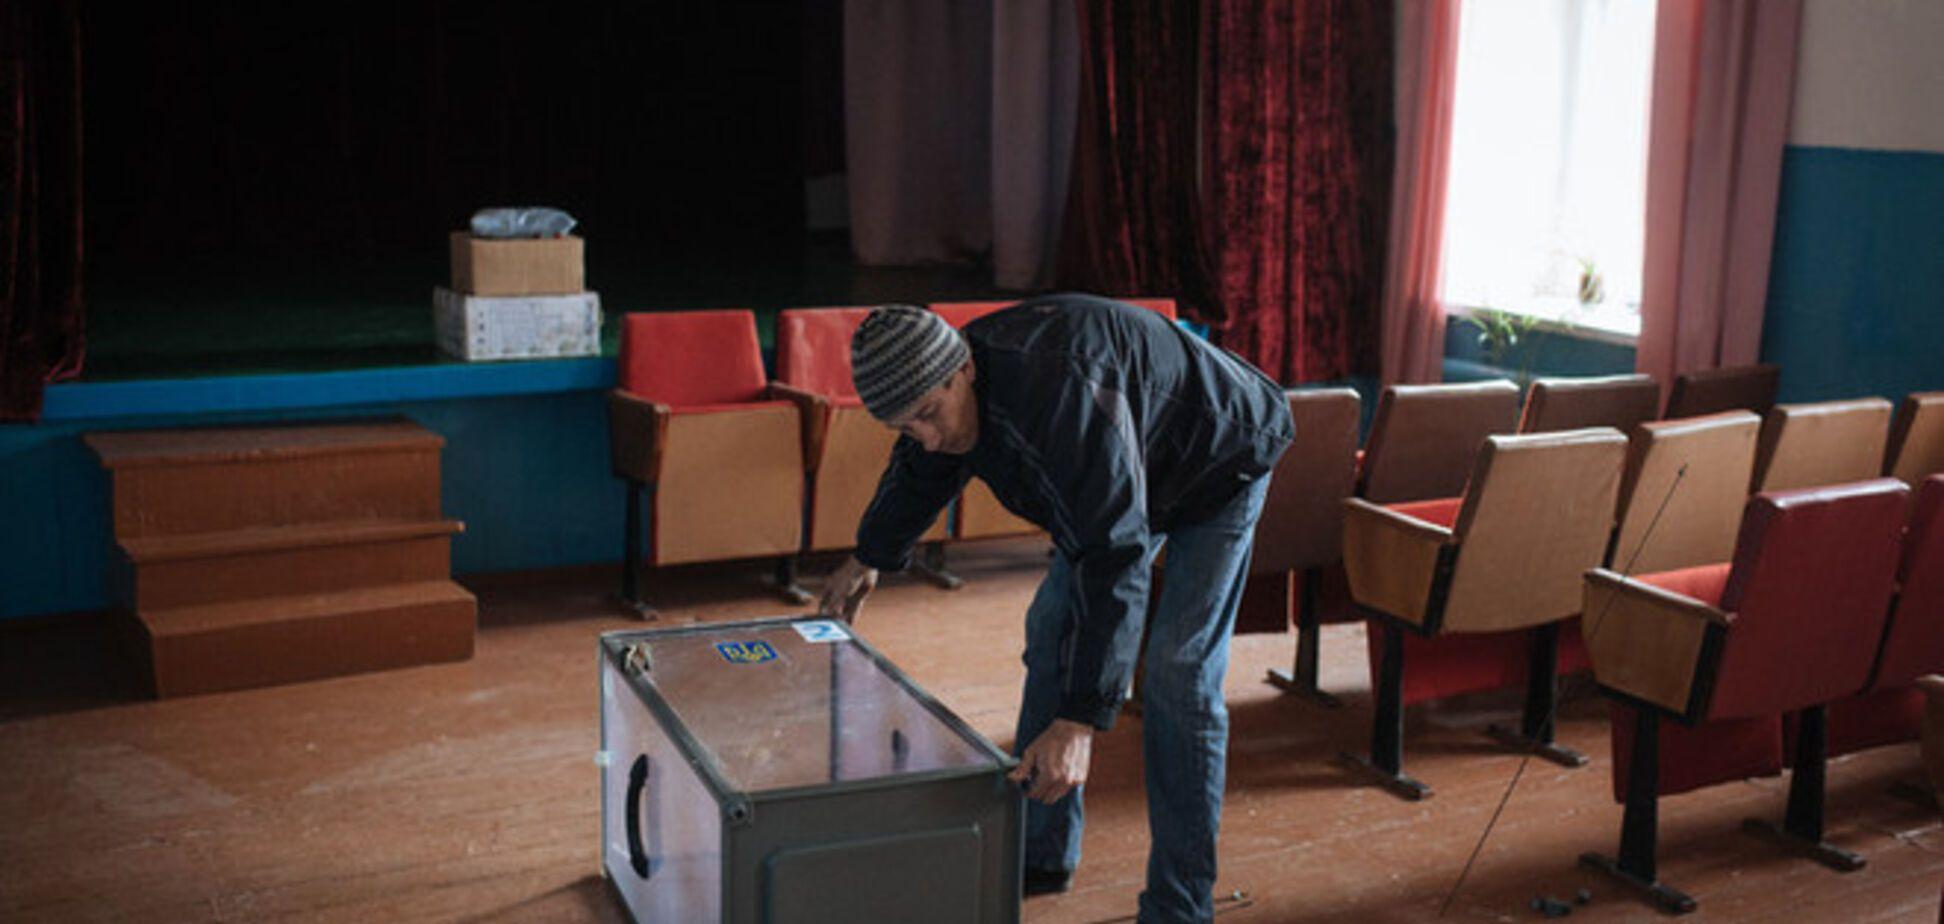 В день выборов в Украине готовятся теракты - СНБО